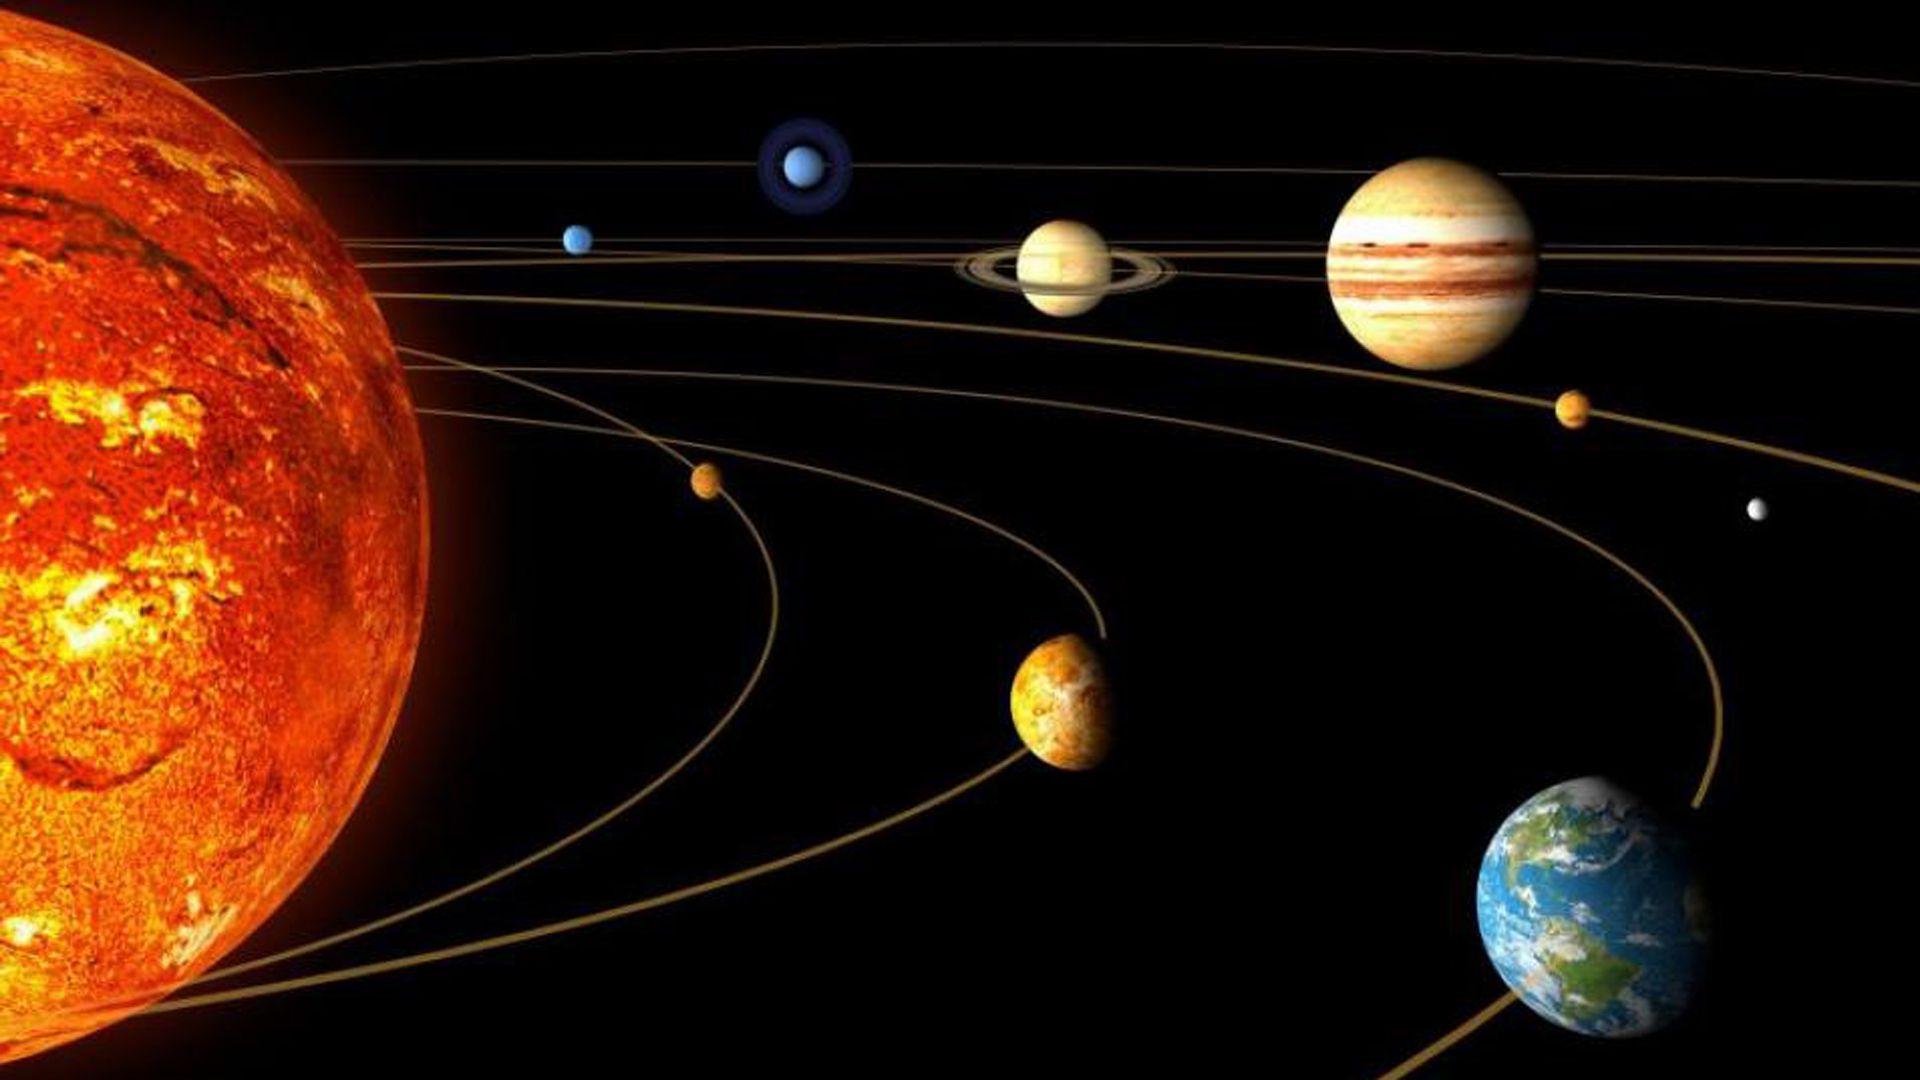 Un nuevo estudio afirma que Mercurio es el planeta más cercano a la Tierra, y a los demás del Sistema Solar